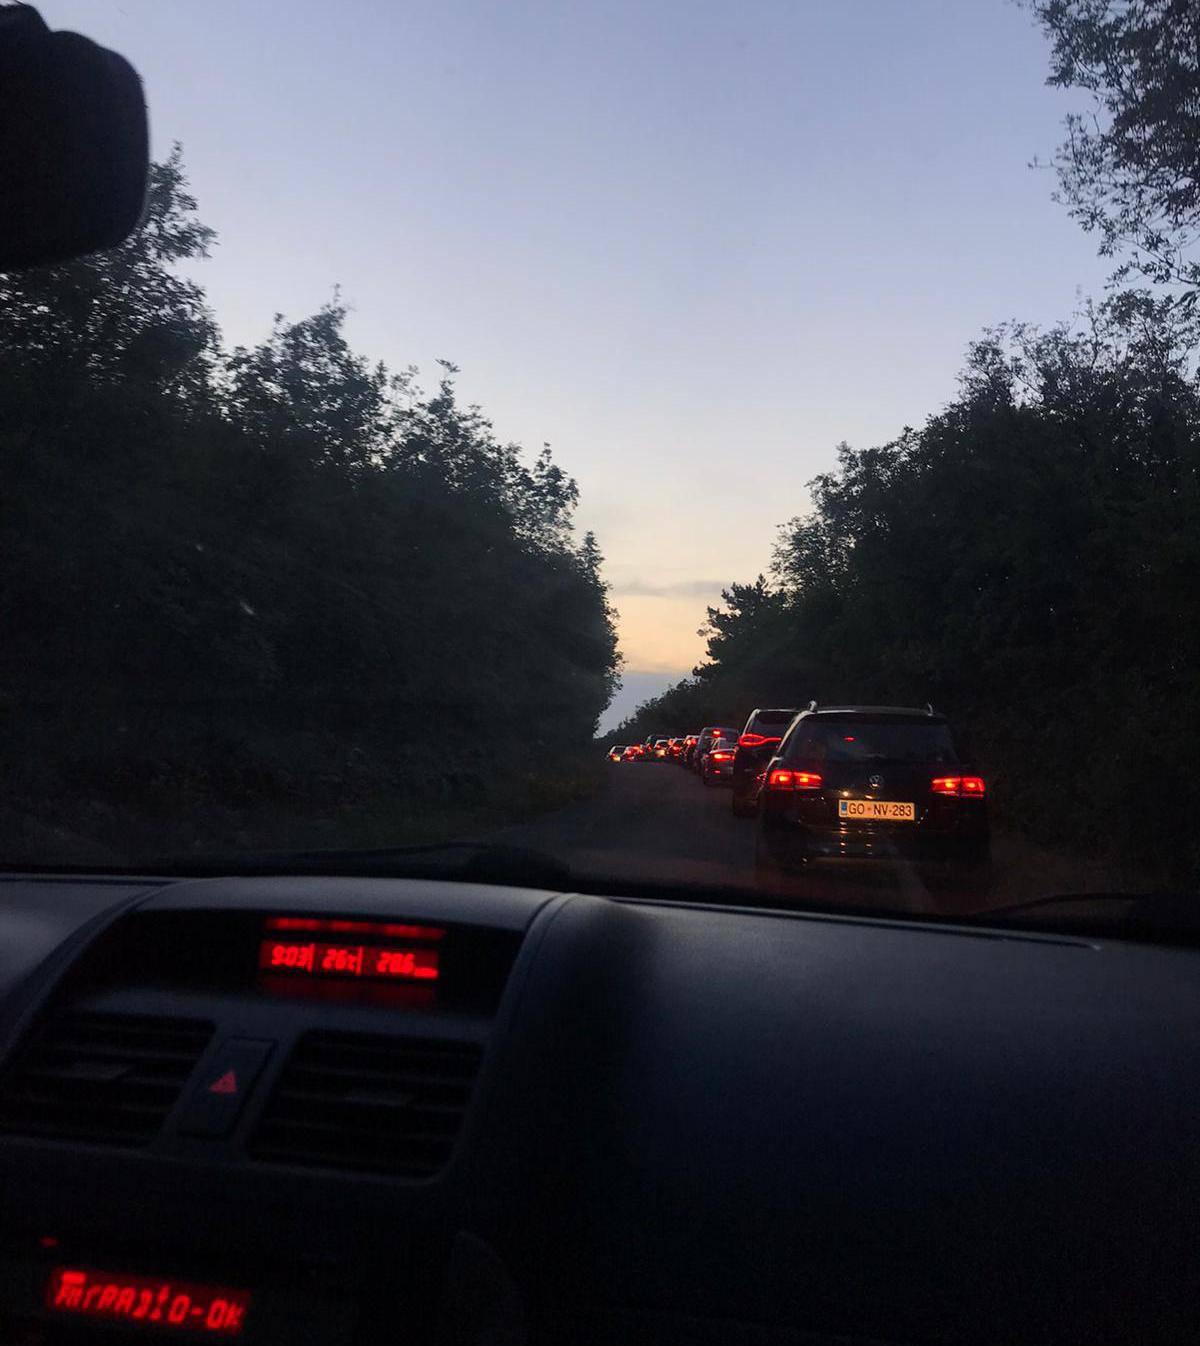 Na Krku kolona od čak 20 km: 'Katastrofa, vozim već tri sata!'